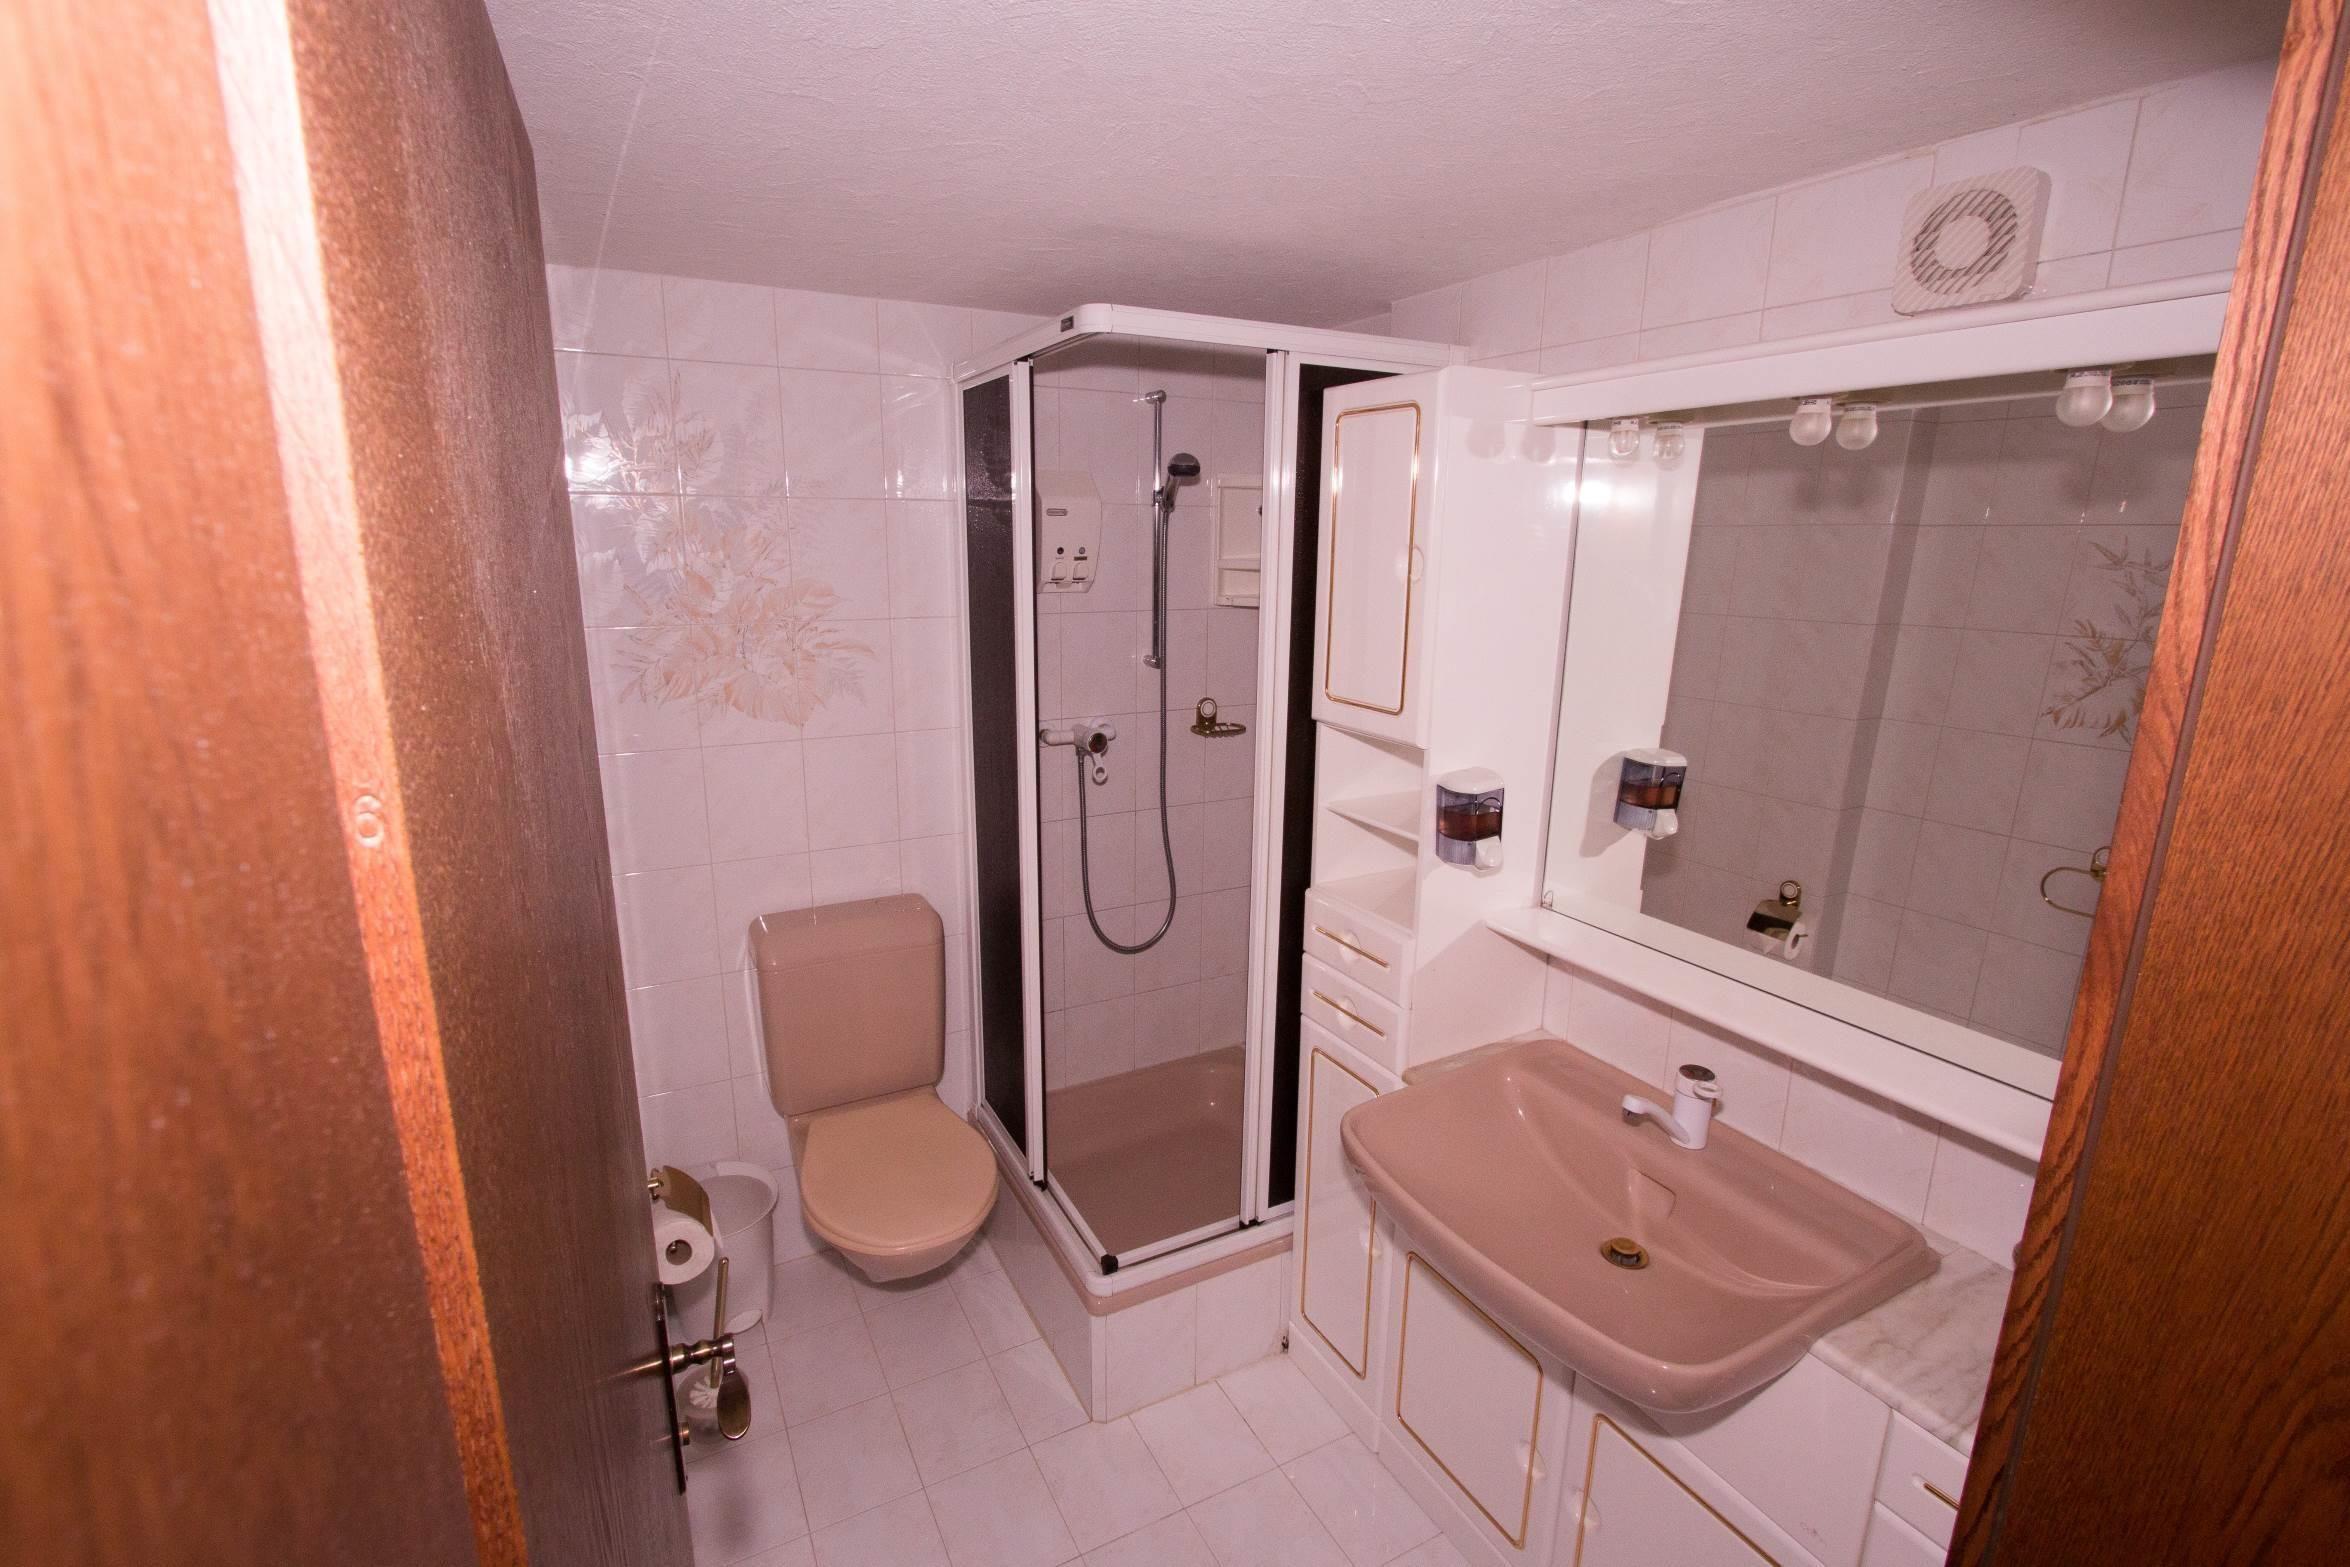 WC - Duesche Elternschlafzimmer offen - Ferienwohn